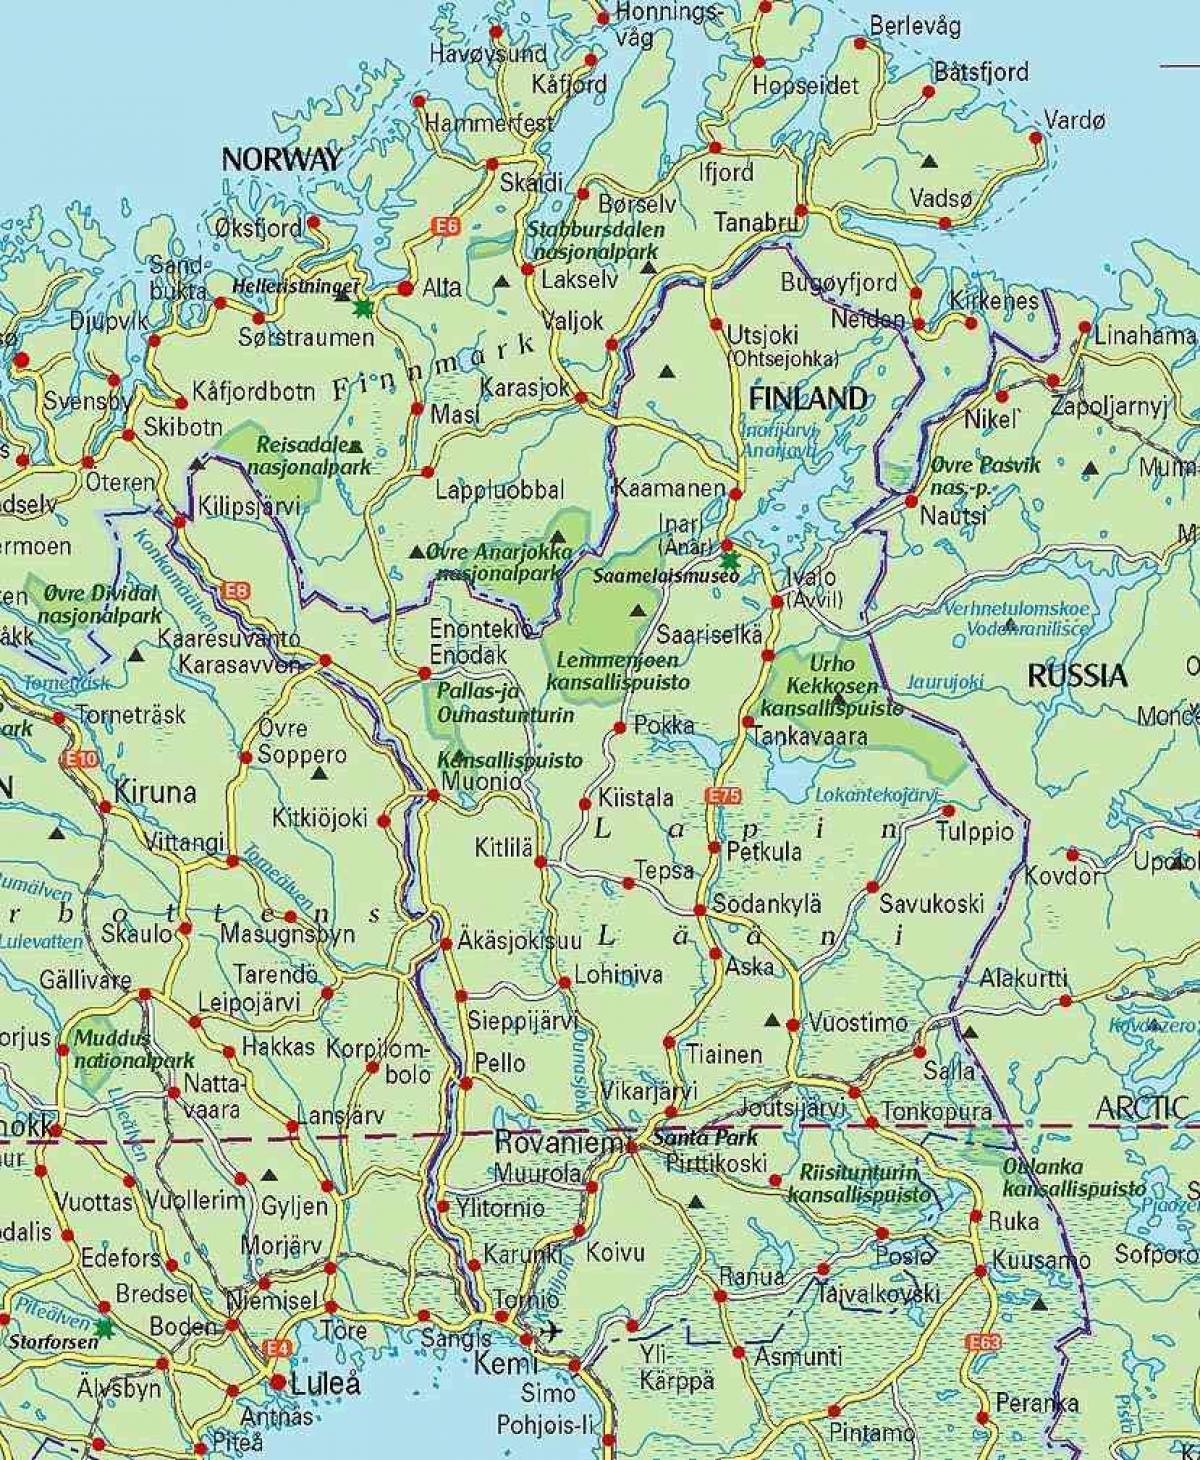 carte de la laponie finlandaise